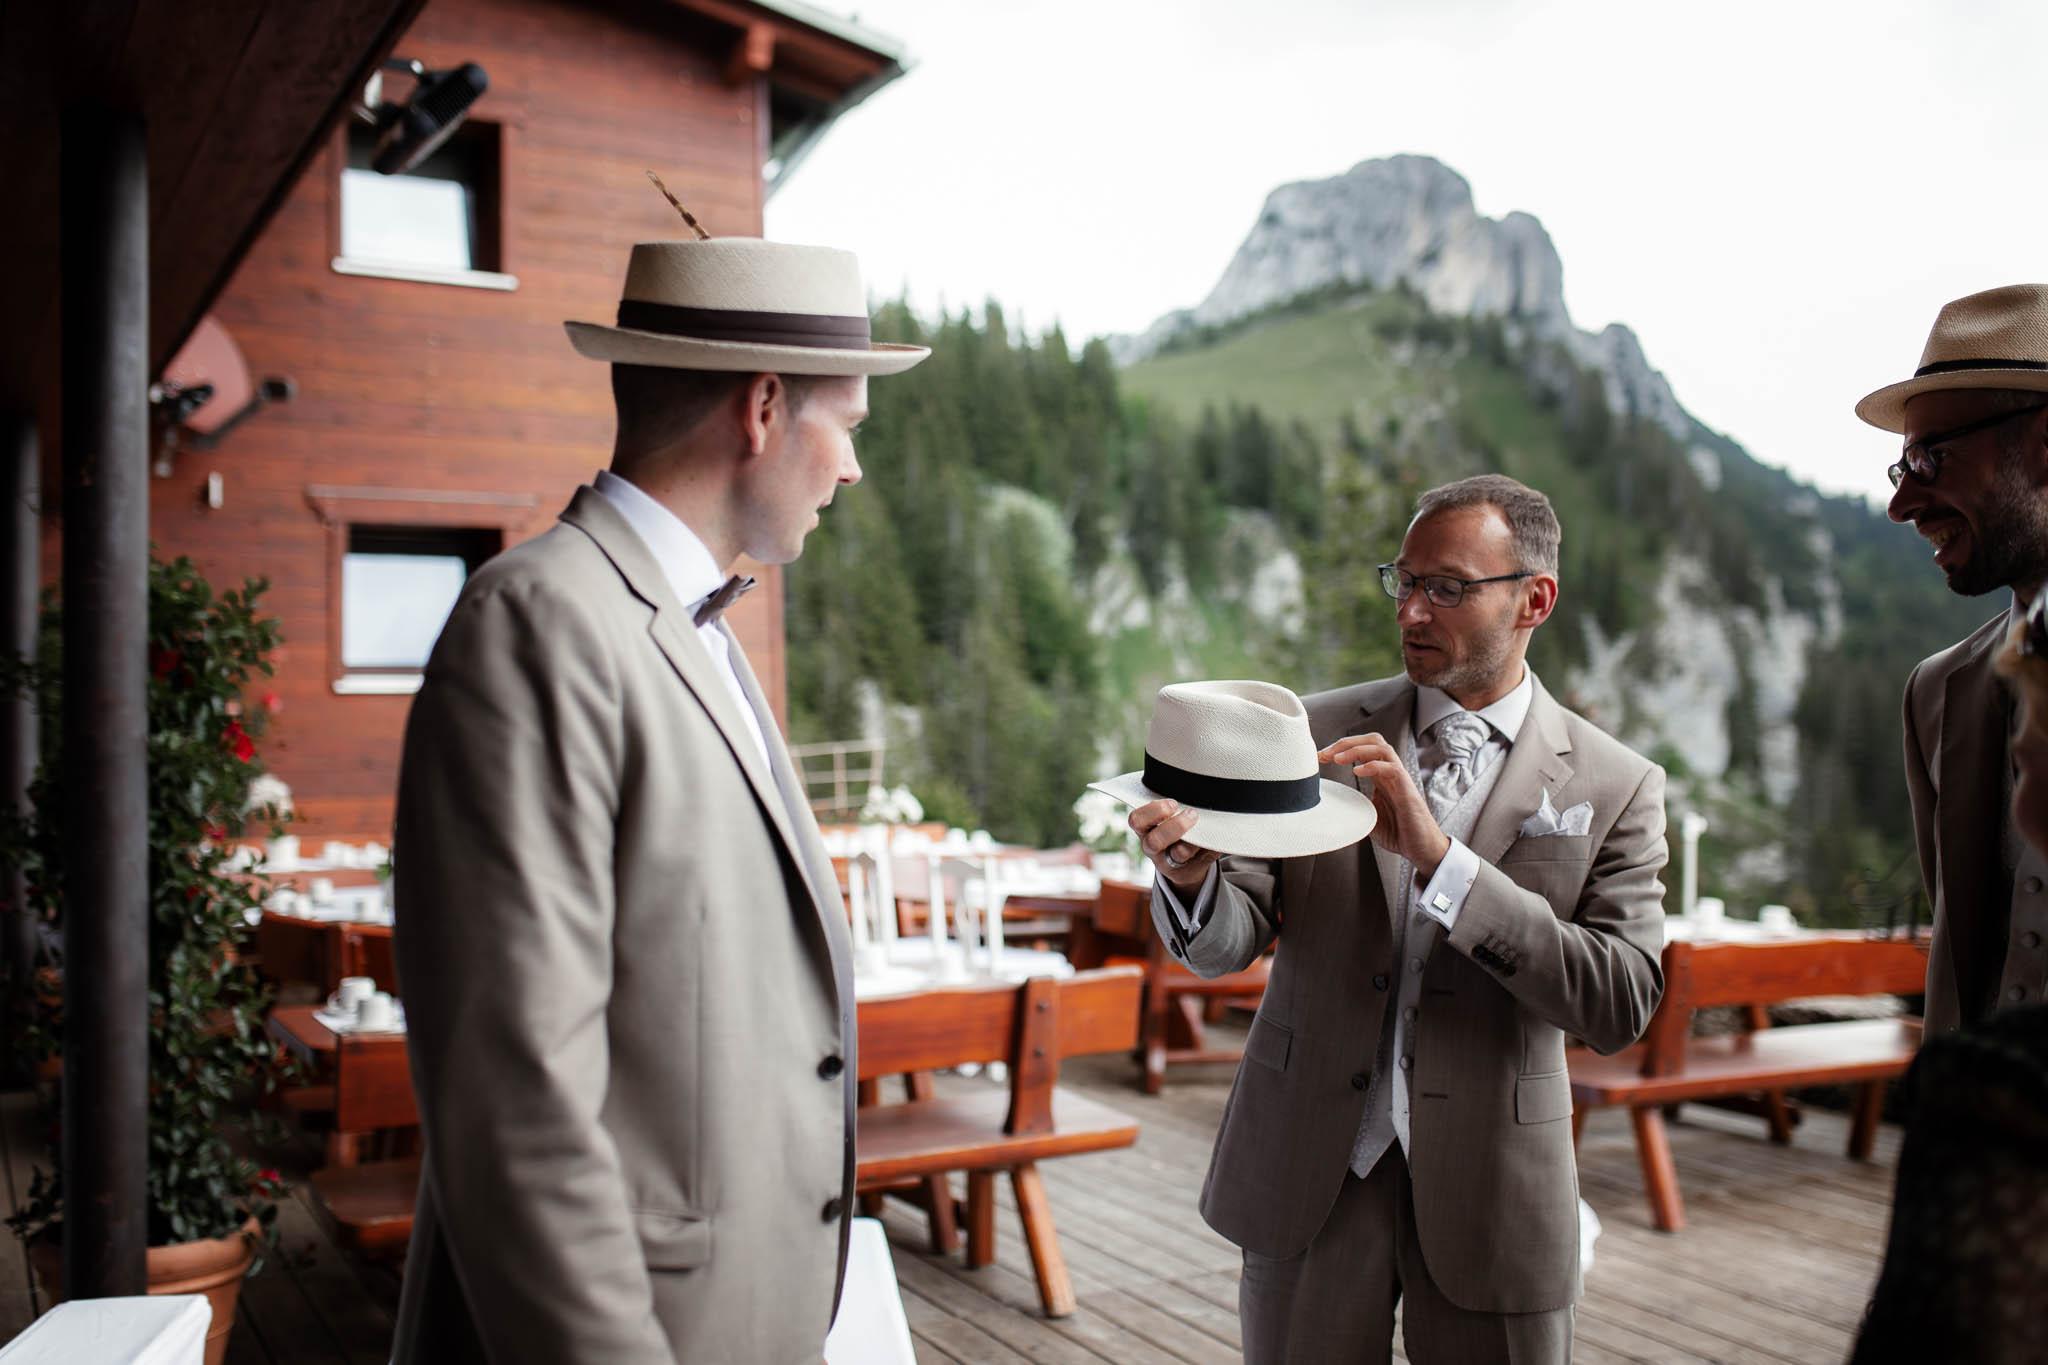 Hochzeitsfotograf Alpen, Chiemgau: freie Trauung von Dennis & Dirk 13